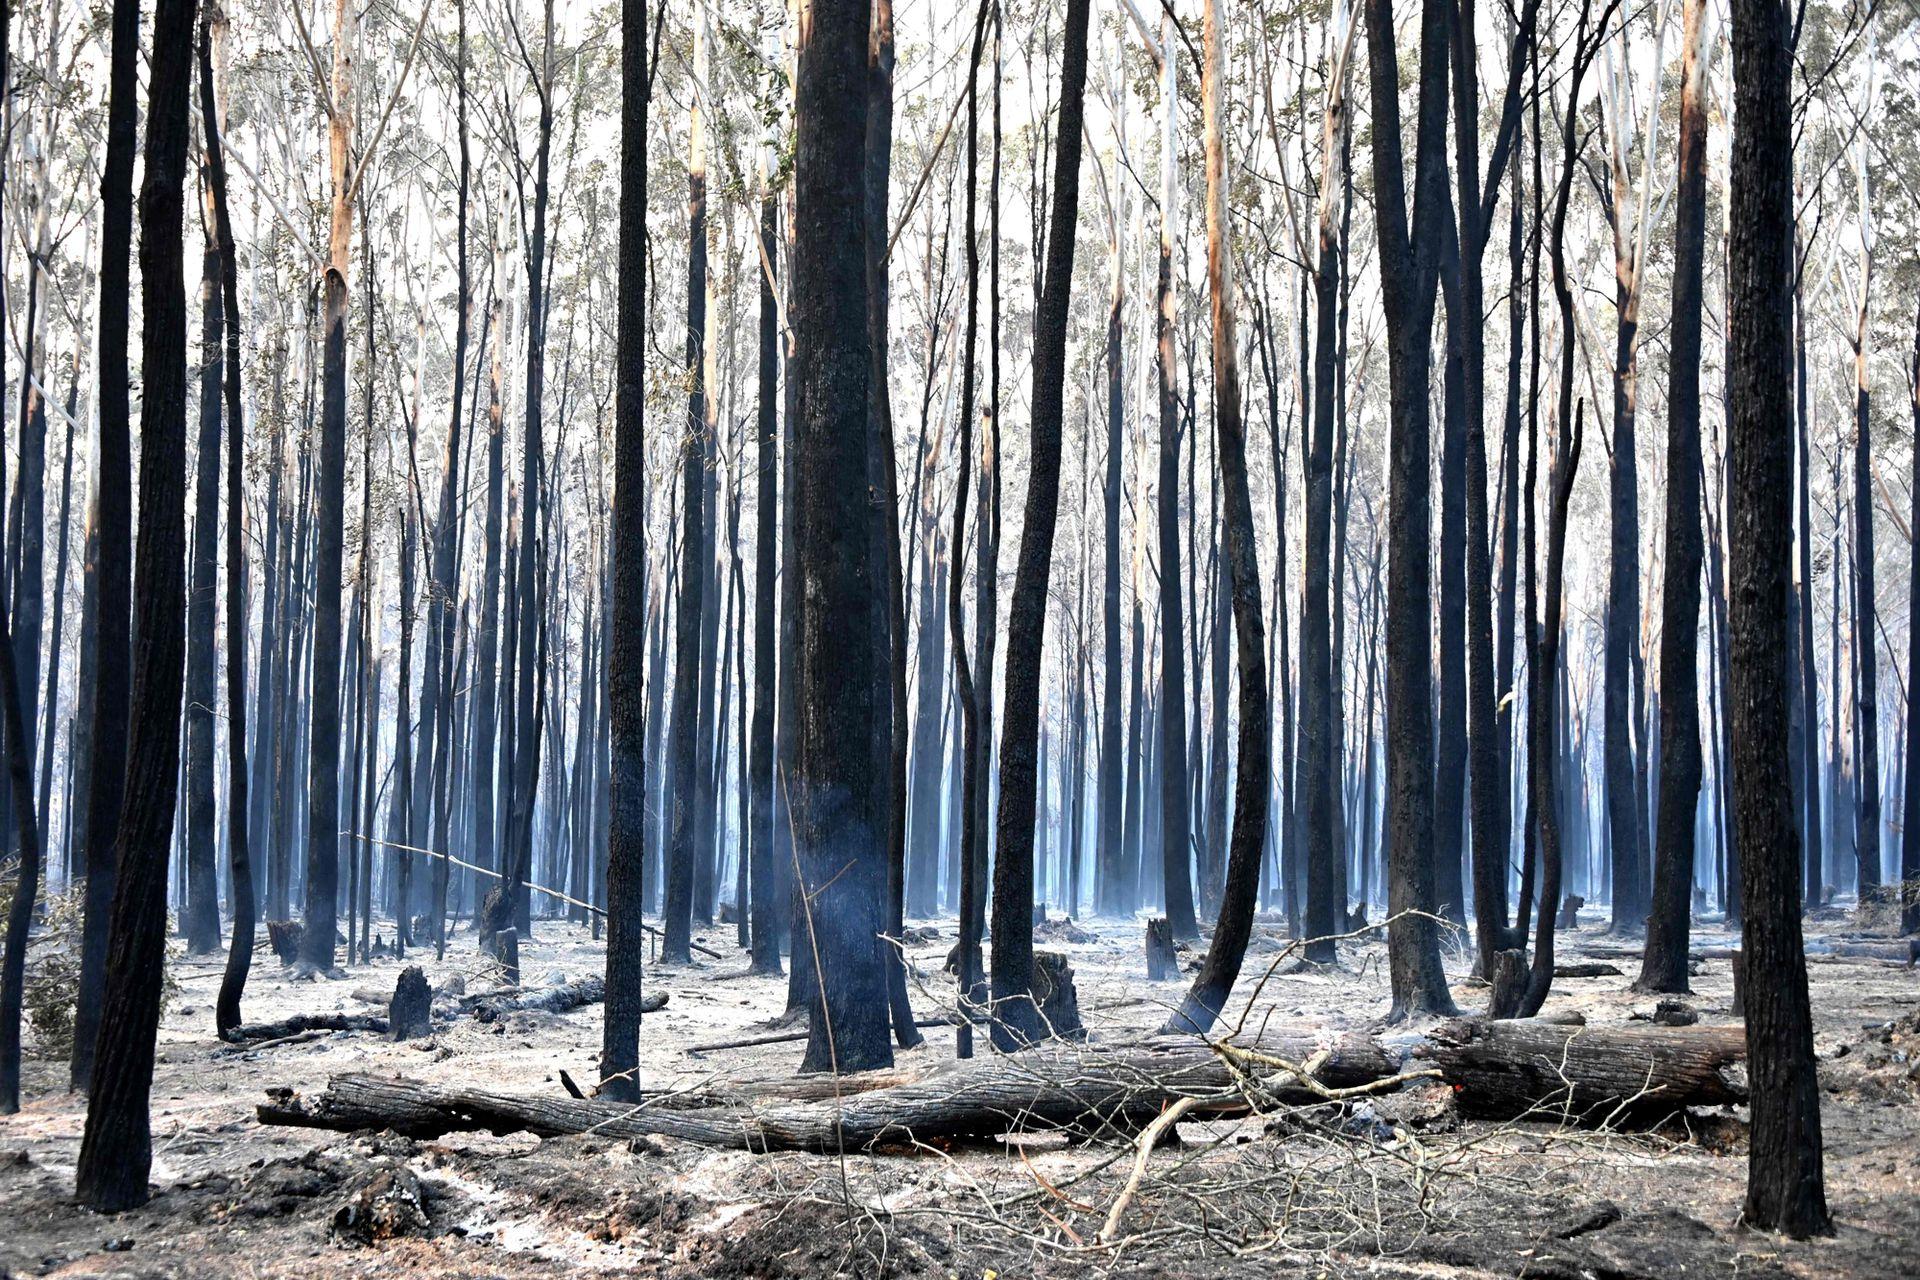 En los últimos días, unos 11.000 km2, el equivalente a Jamaica, han sido quemados, según el servicio de incendios del estado